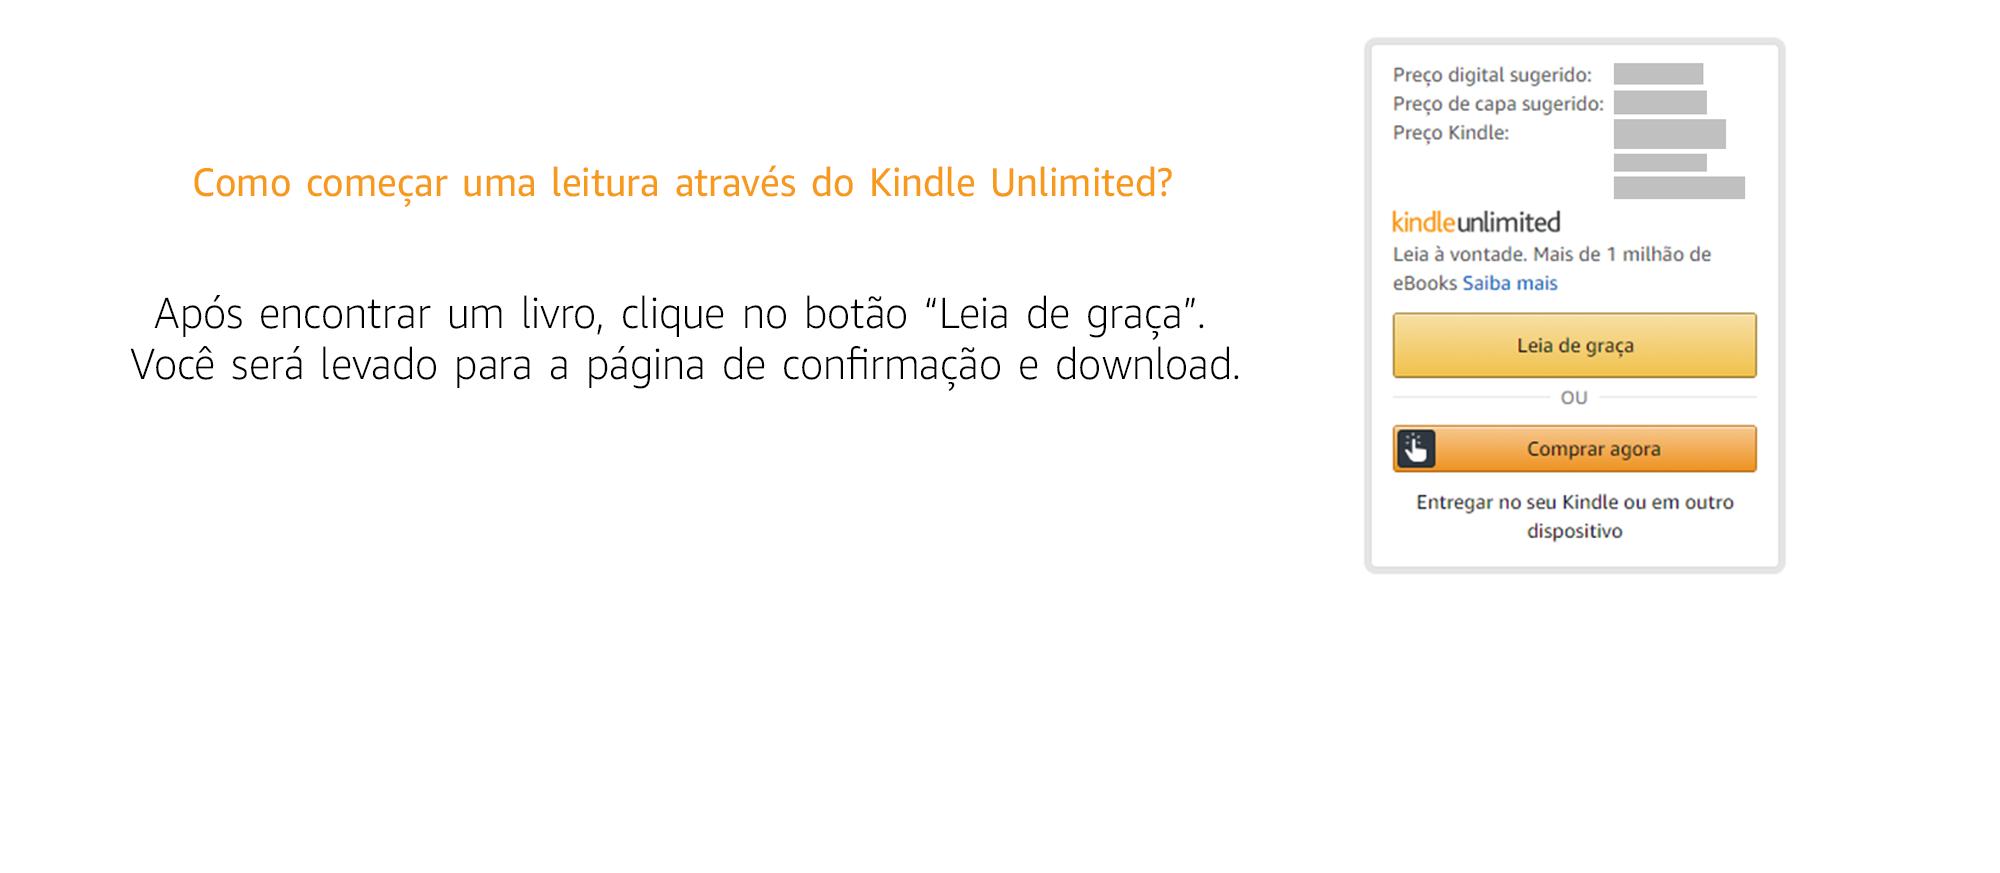 """Após encontrar um livro, clique no botão """"Leia de graça"""" e você será levado para a página de confirmação e download."""